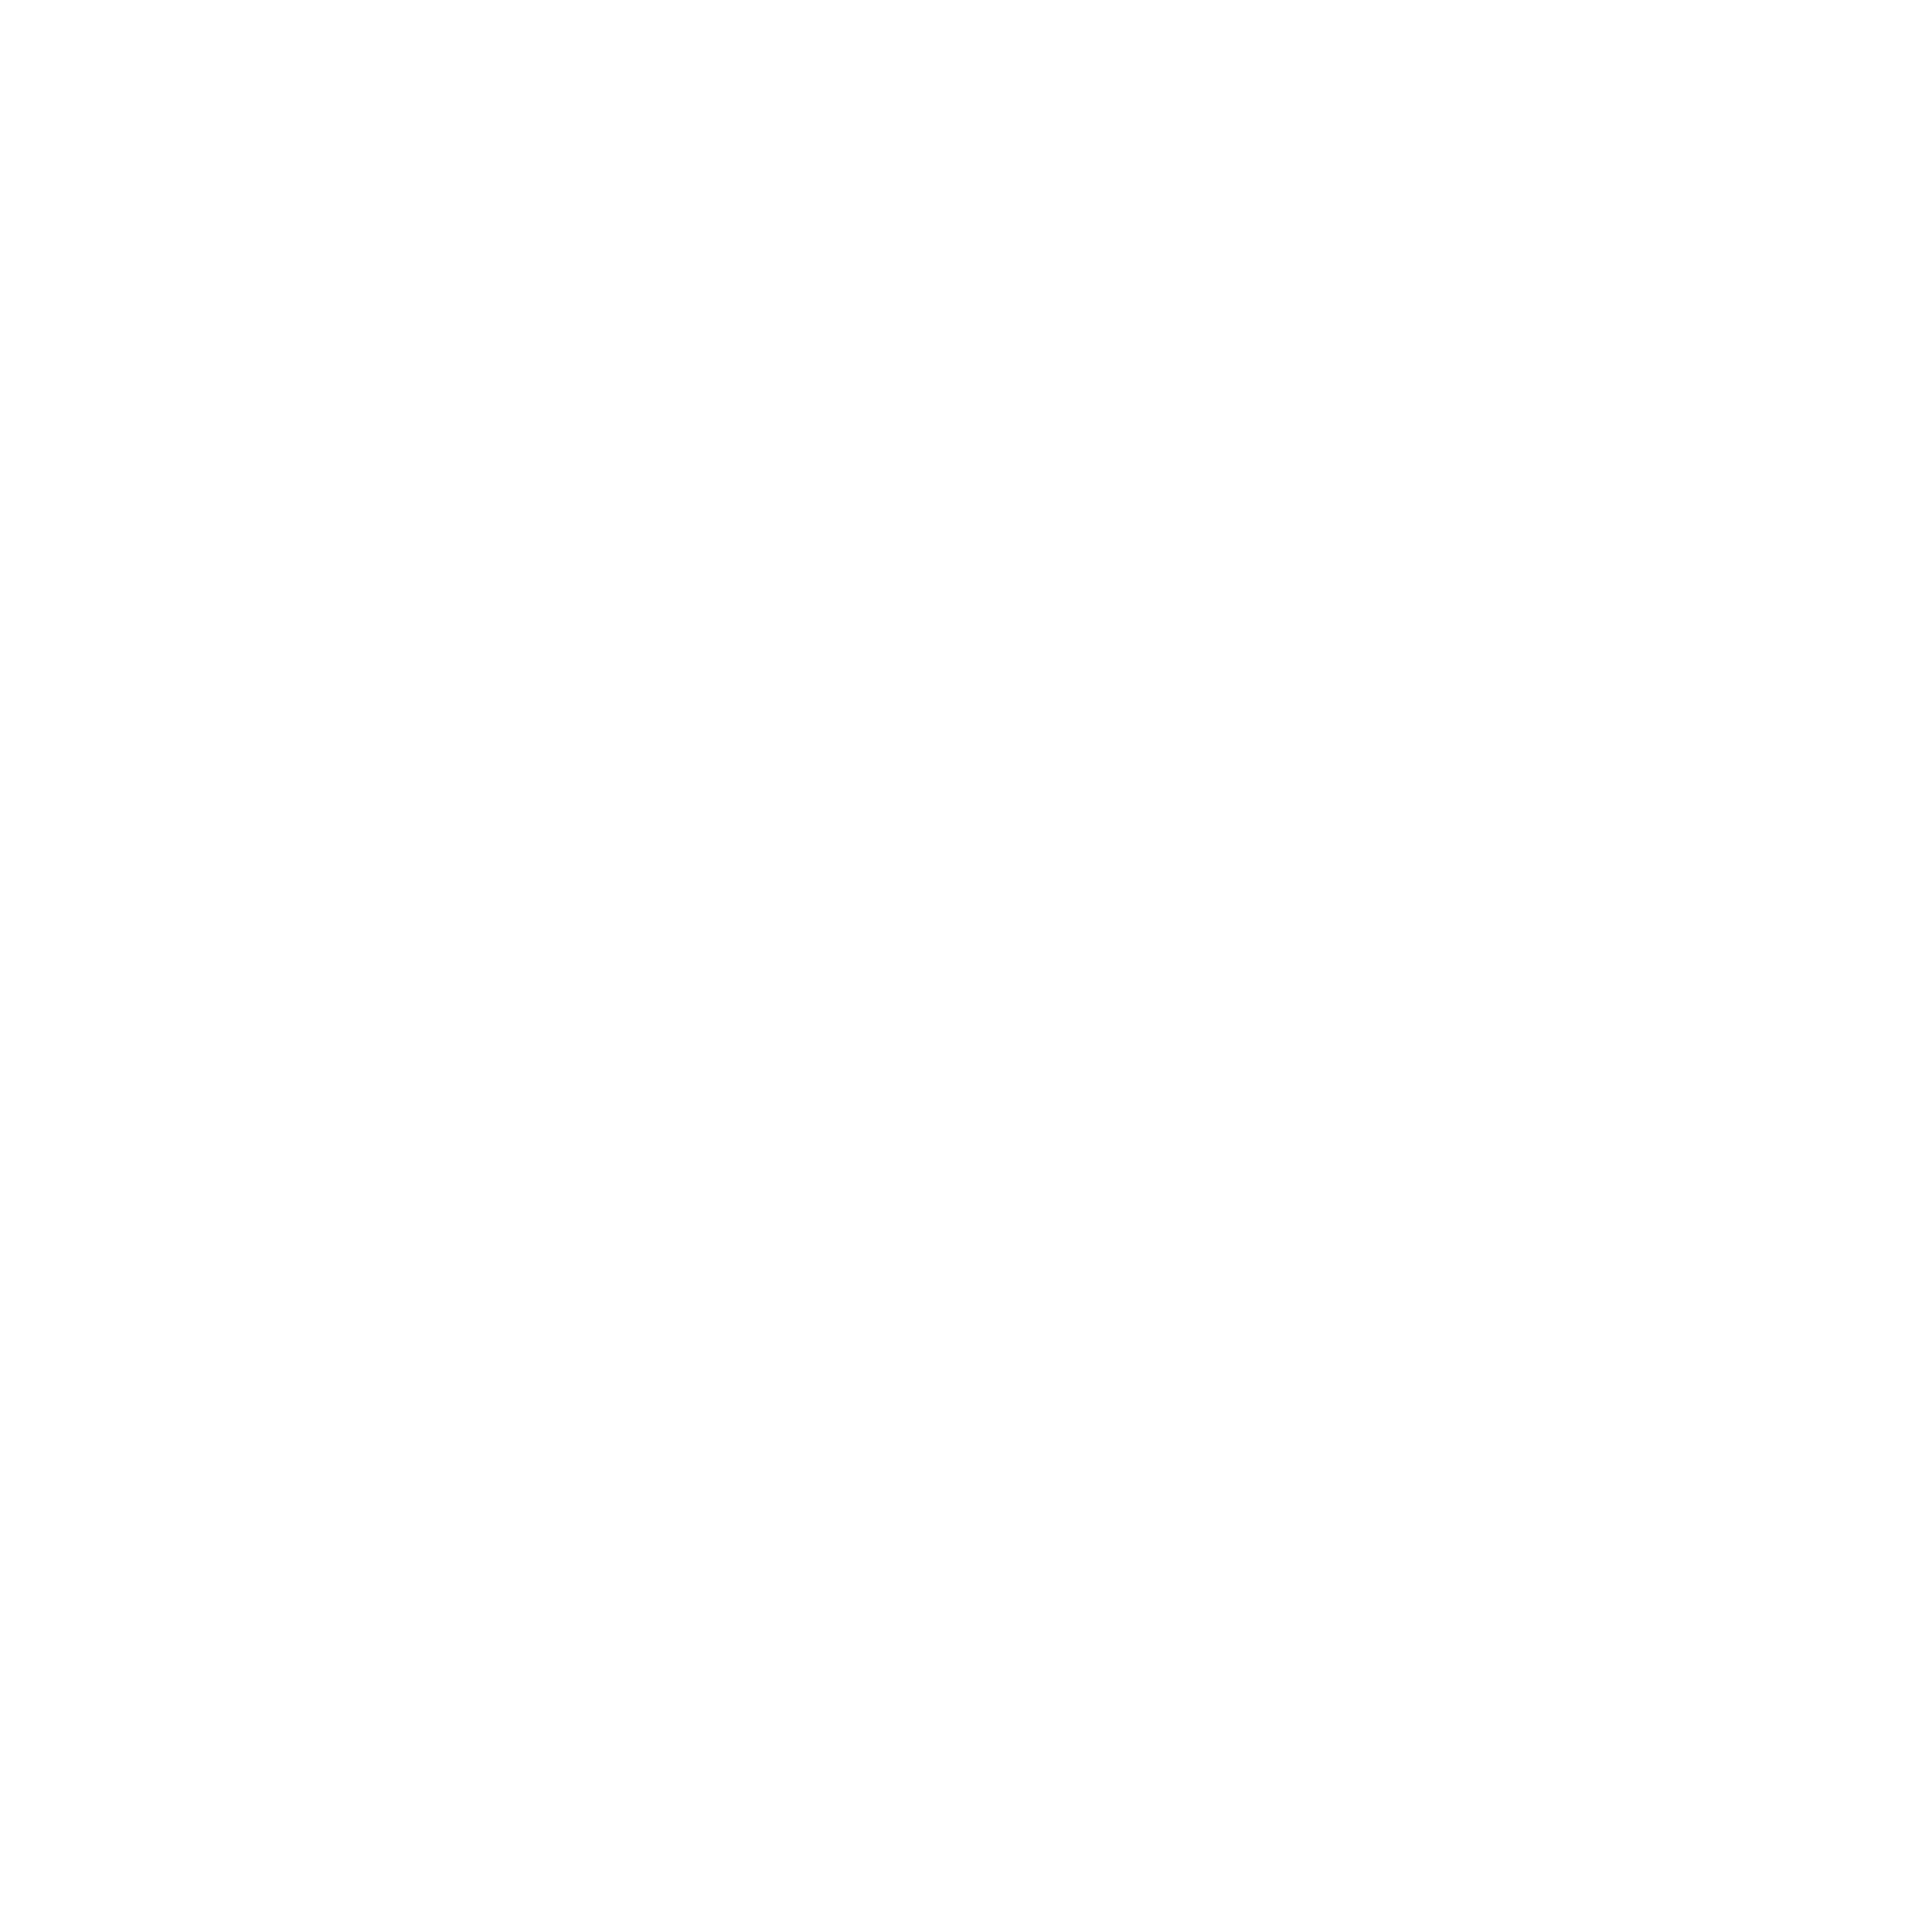 mk-dent-tc-2041-non-return-valve